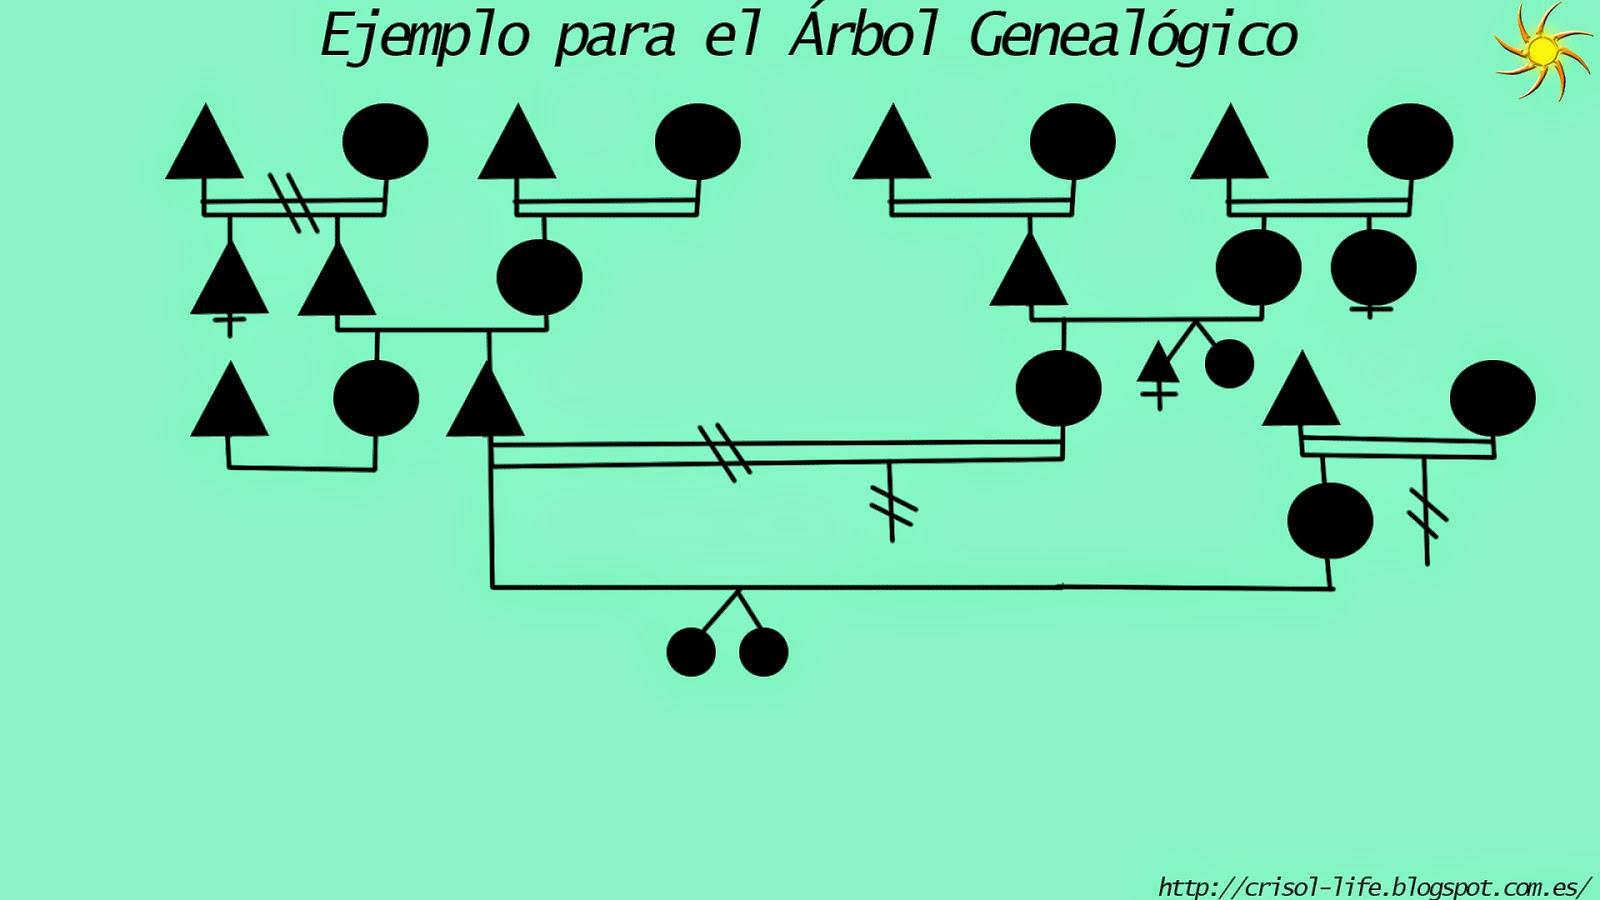 leyes de mendel y árbol genealógico